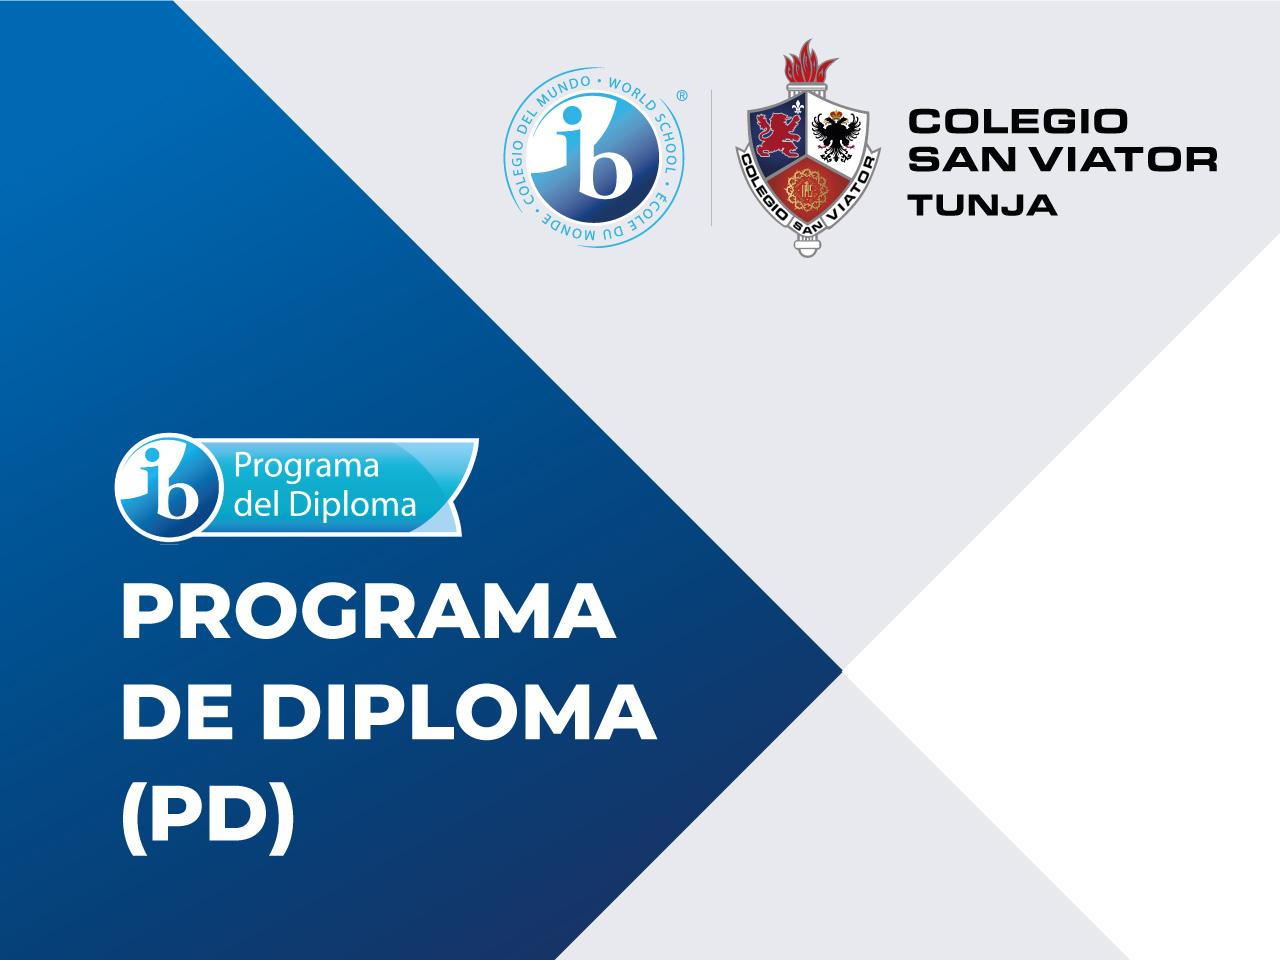 Inauguración del Programa de Diploma, Colegio San Viator de Tunja